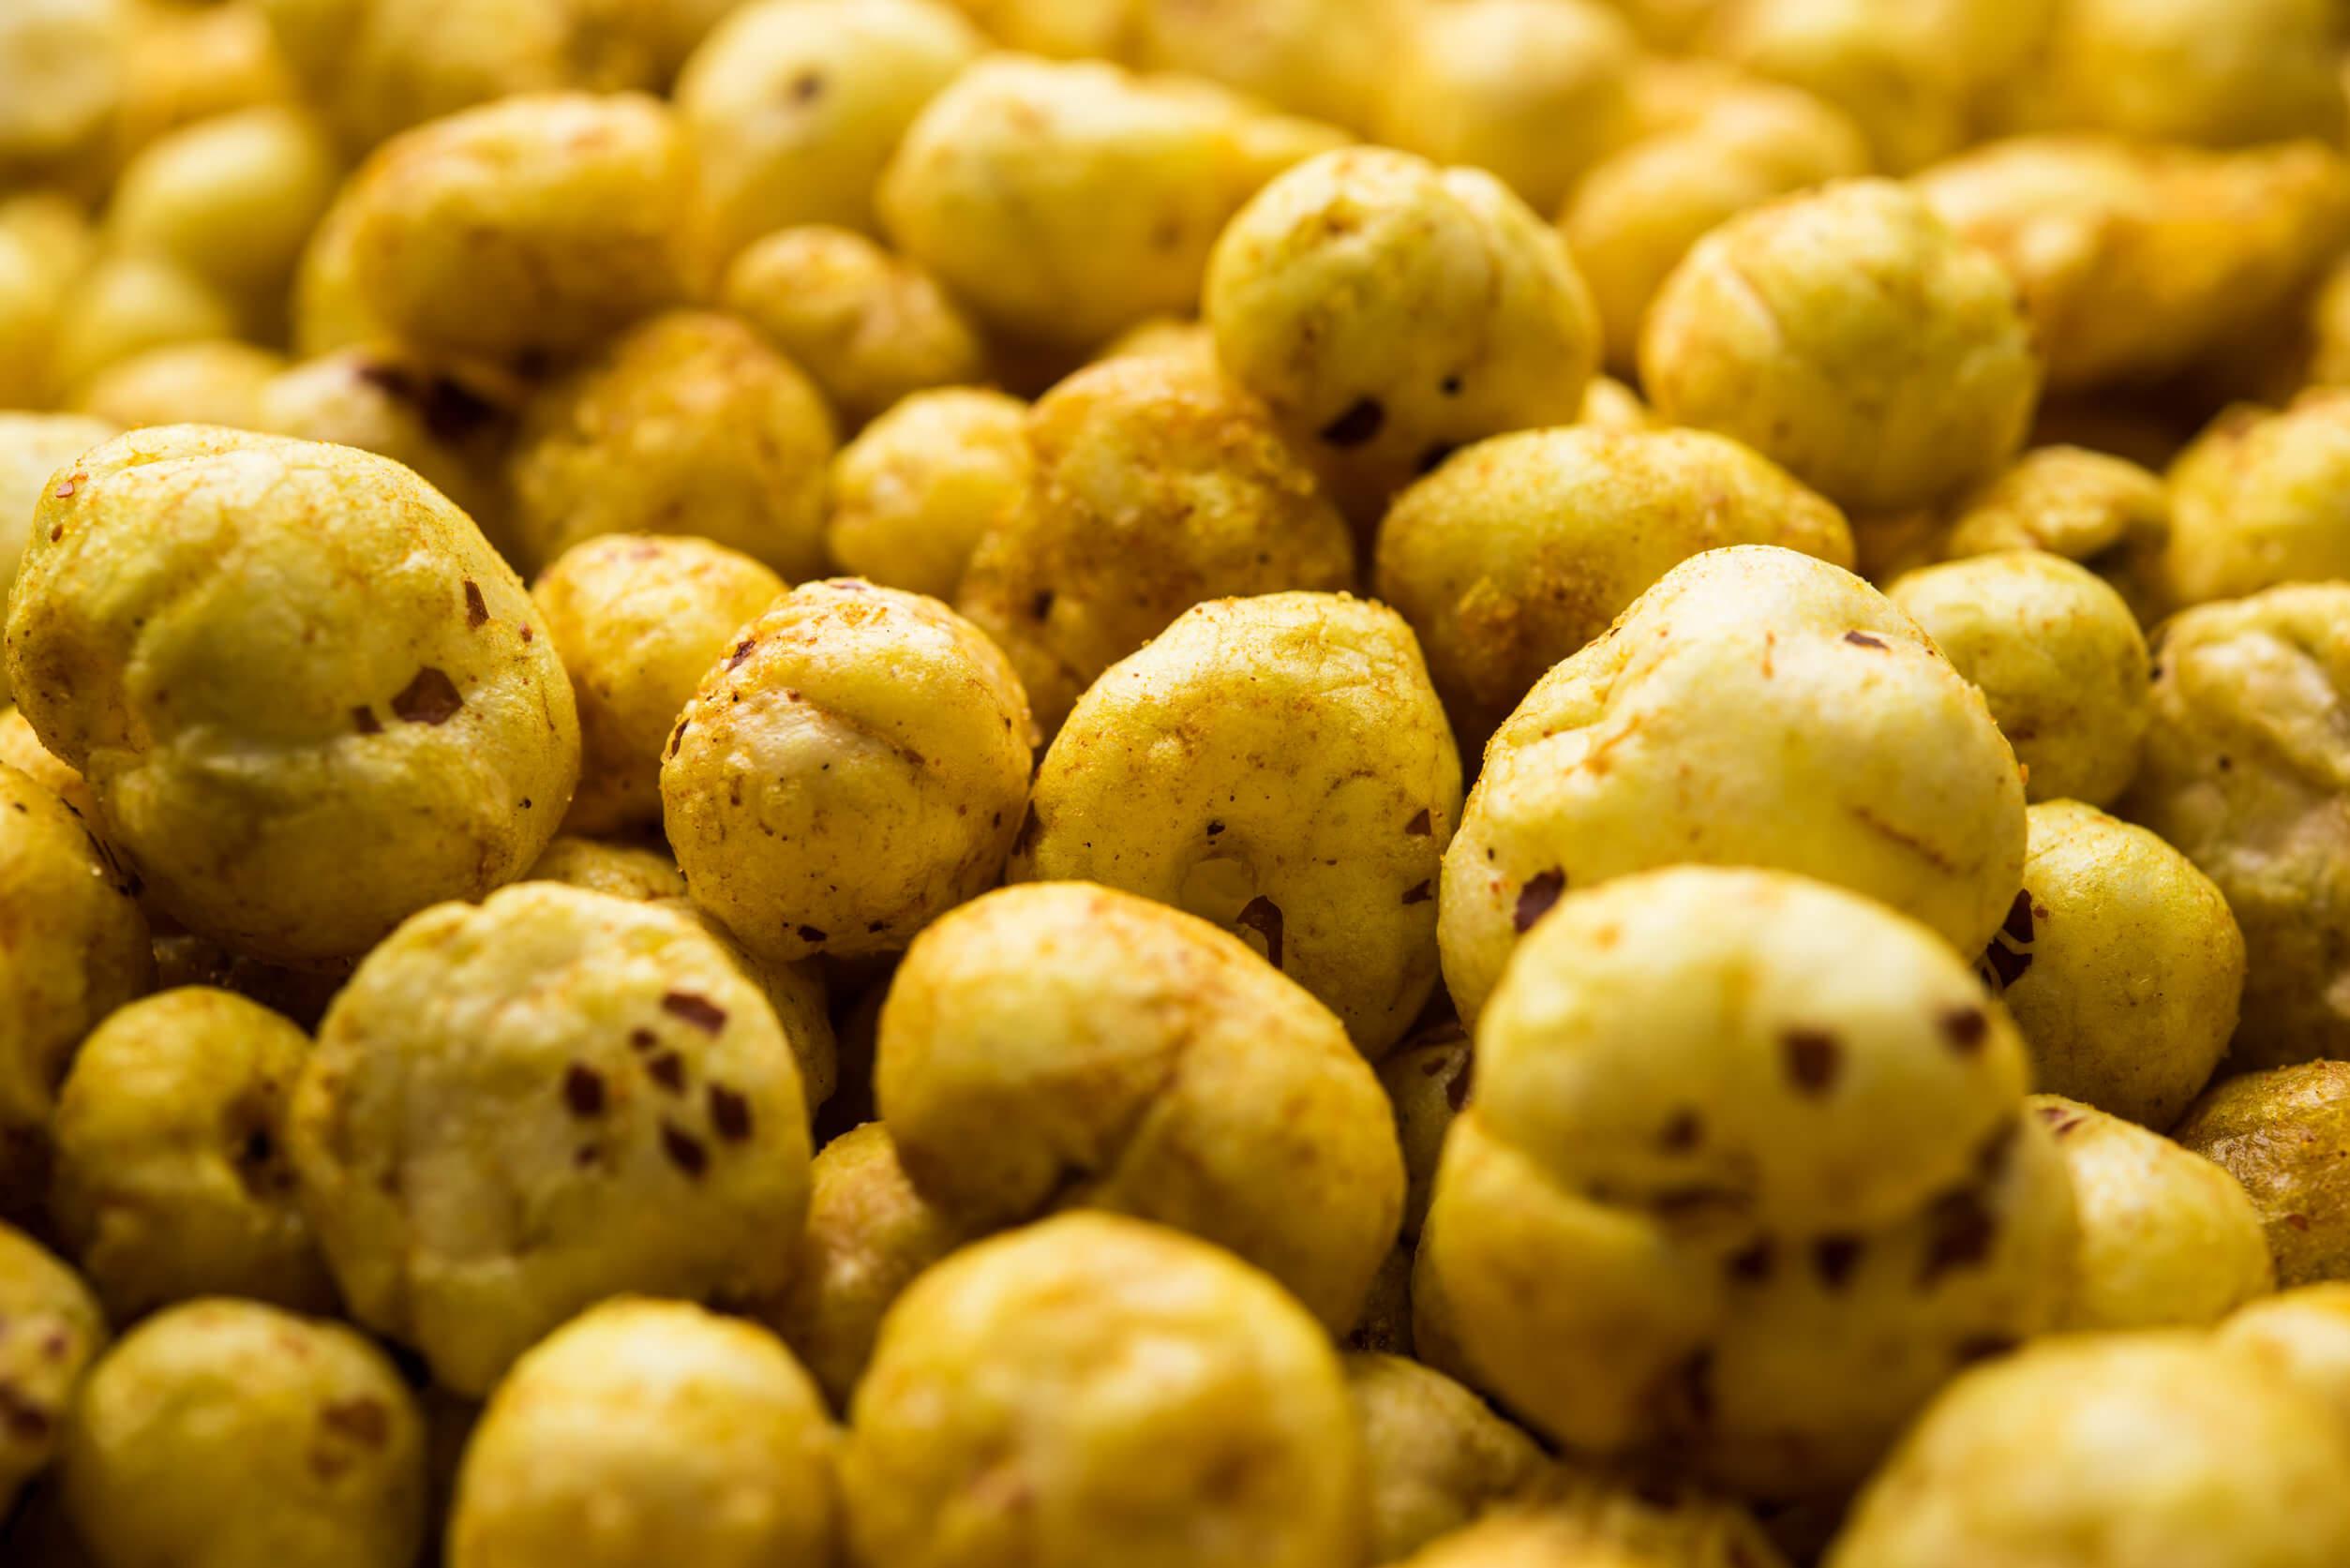 Semillas de makhana: nutrientes, beneficios y recomendaciones